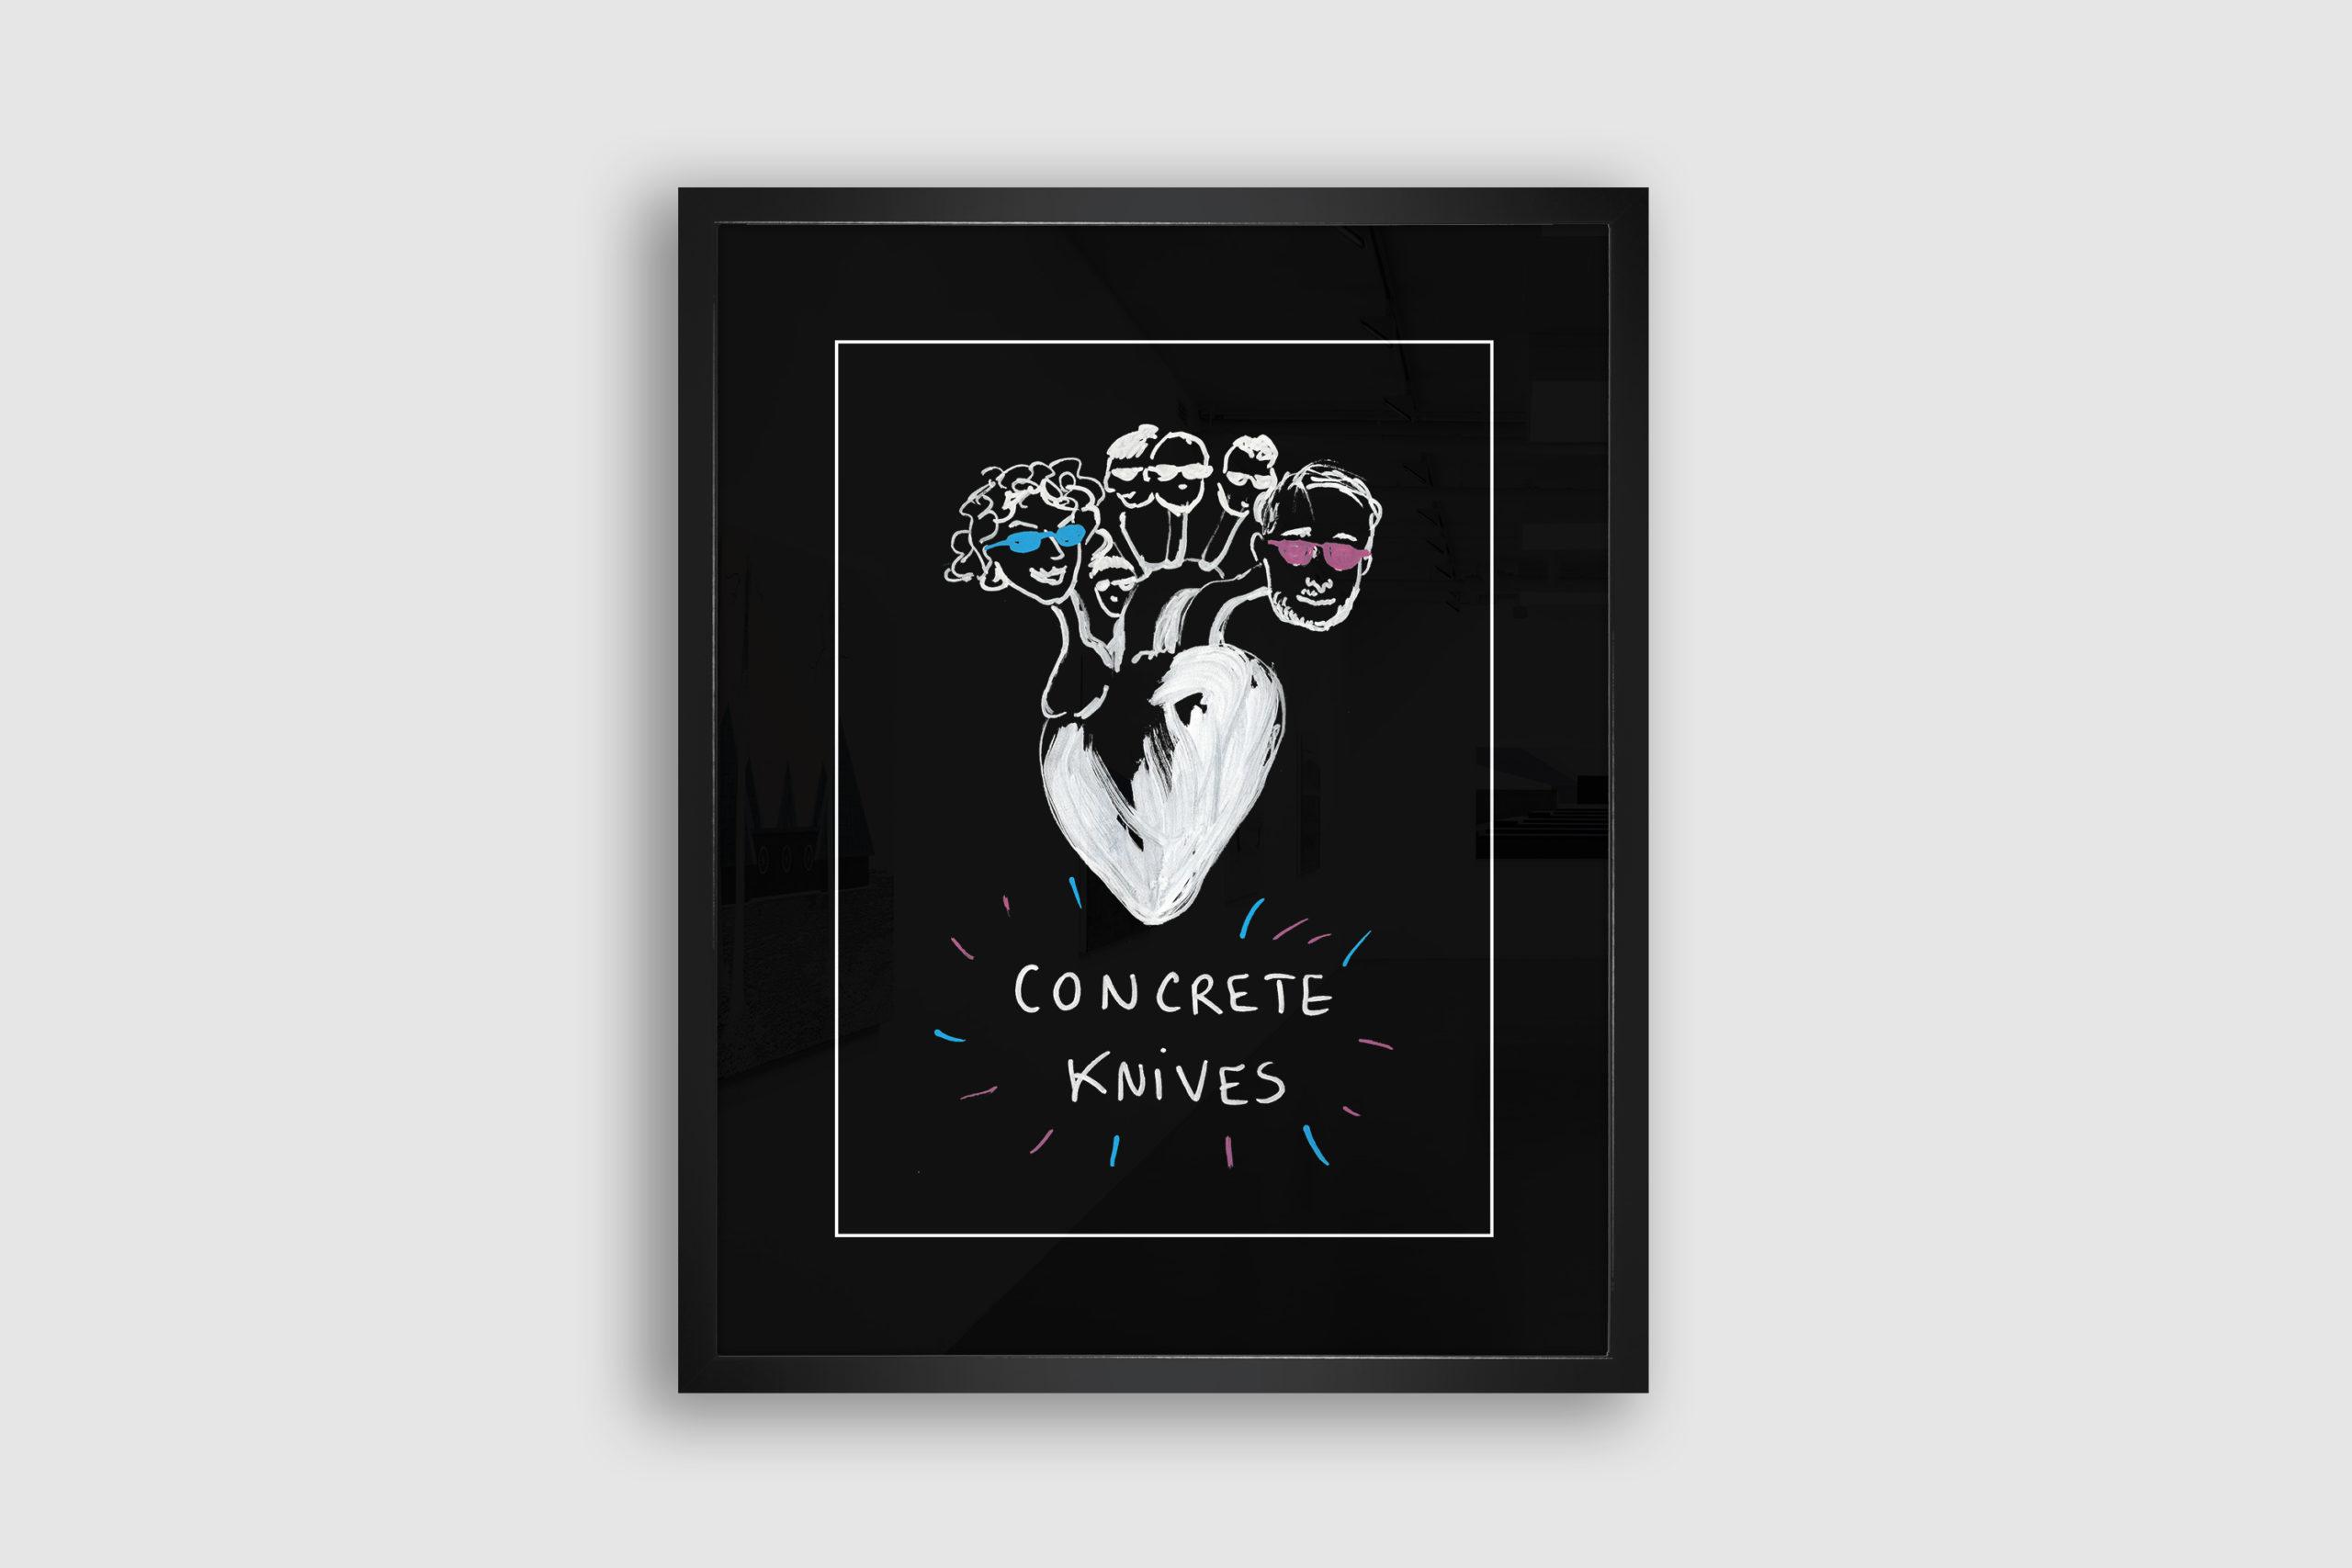 Concrete Knives